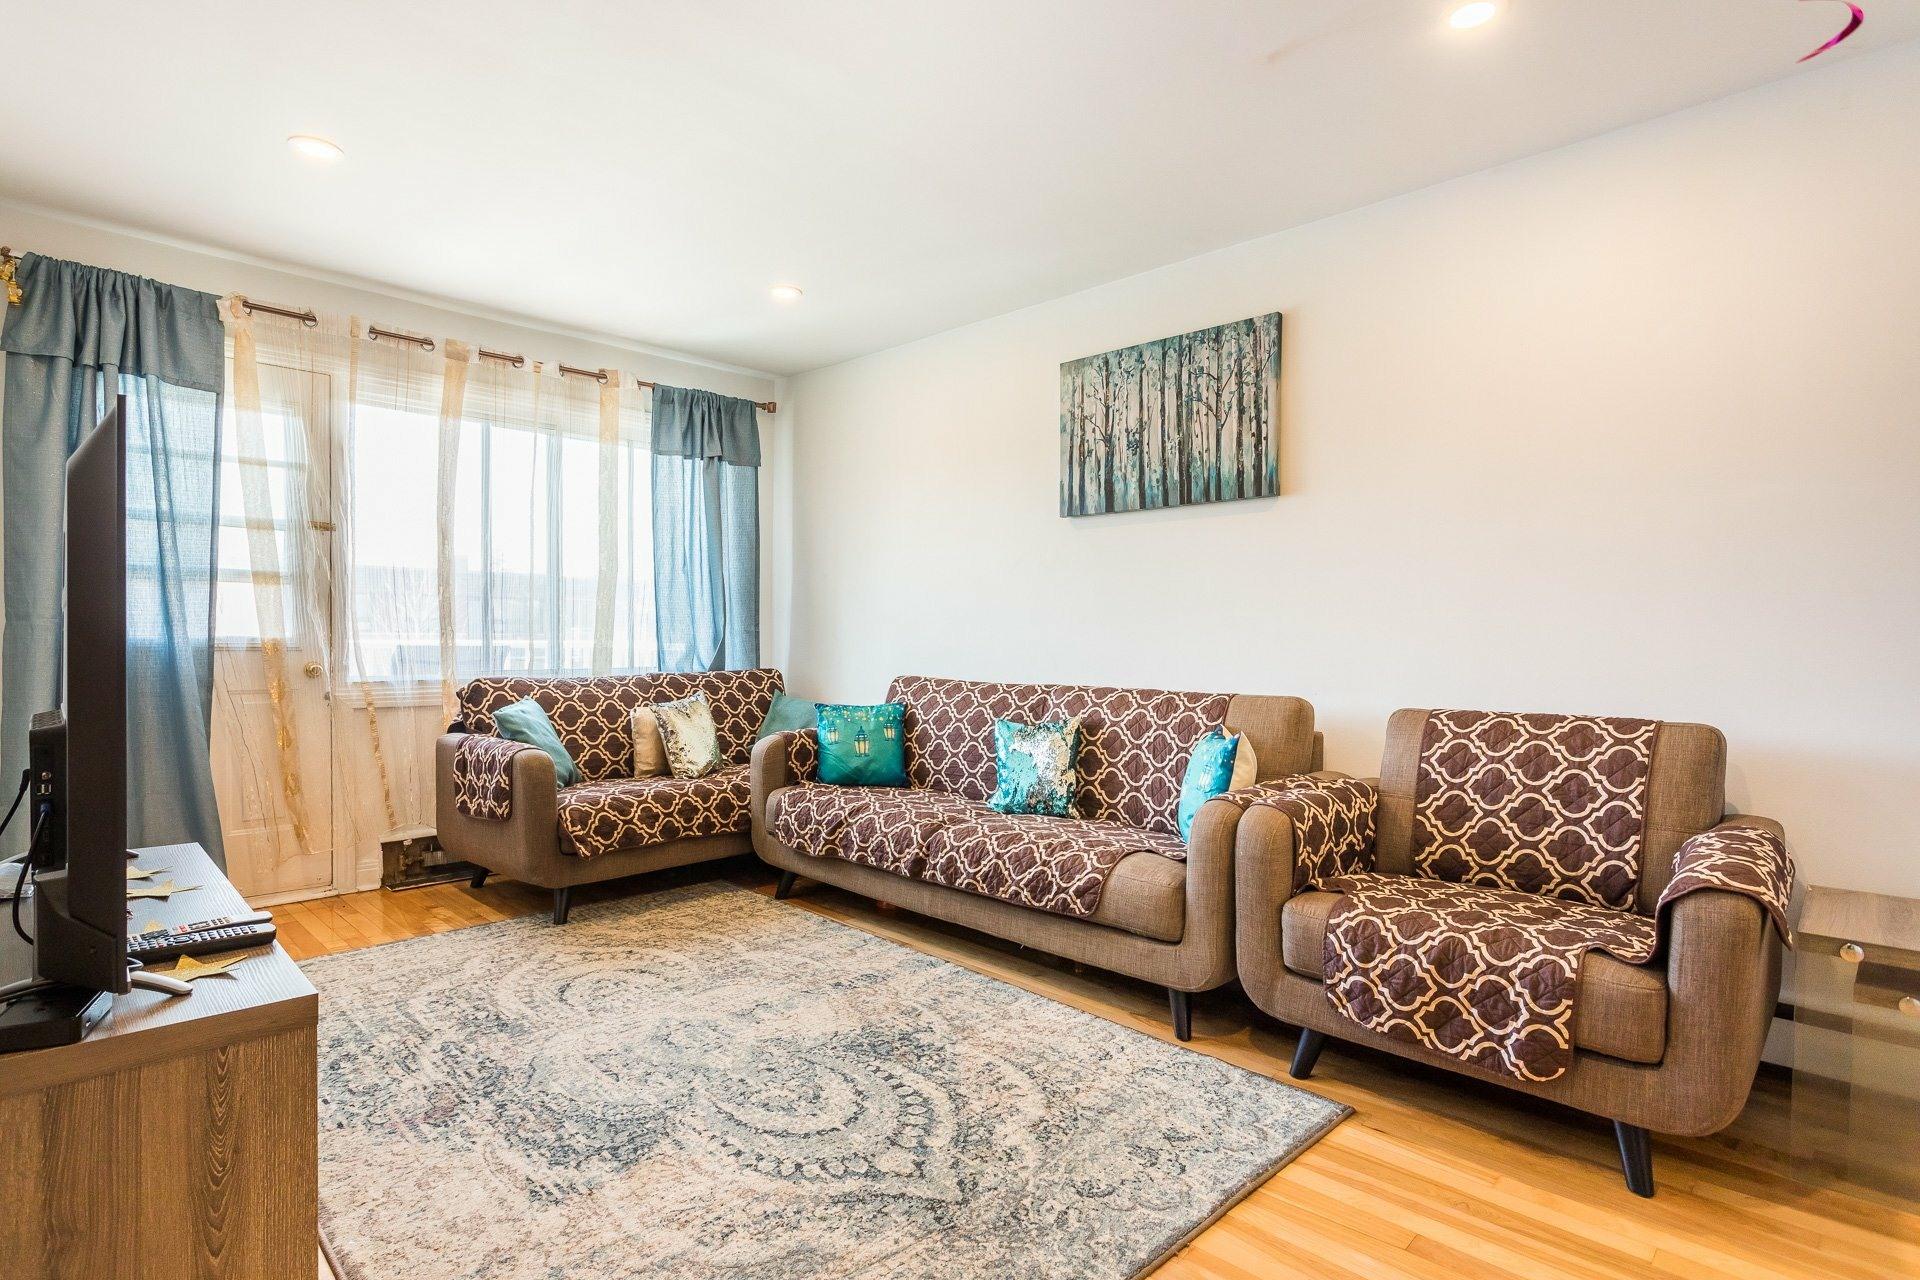 image 23 - Duplex For sale Ahuntsic-Cartierville Montréal  - 8 rooms